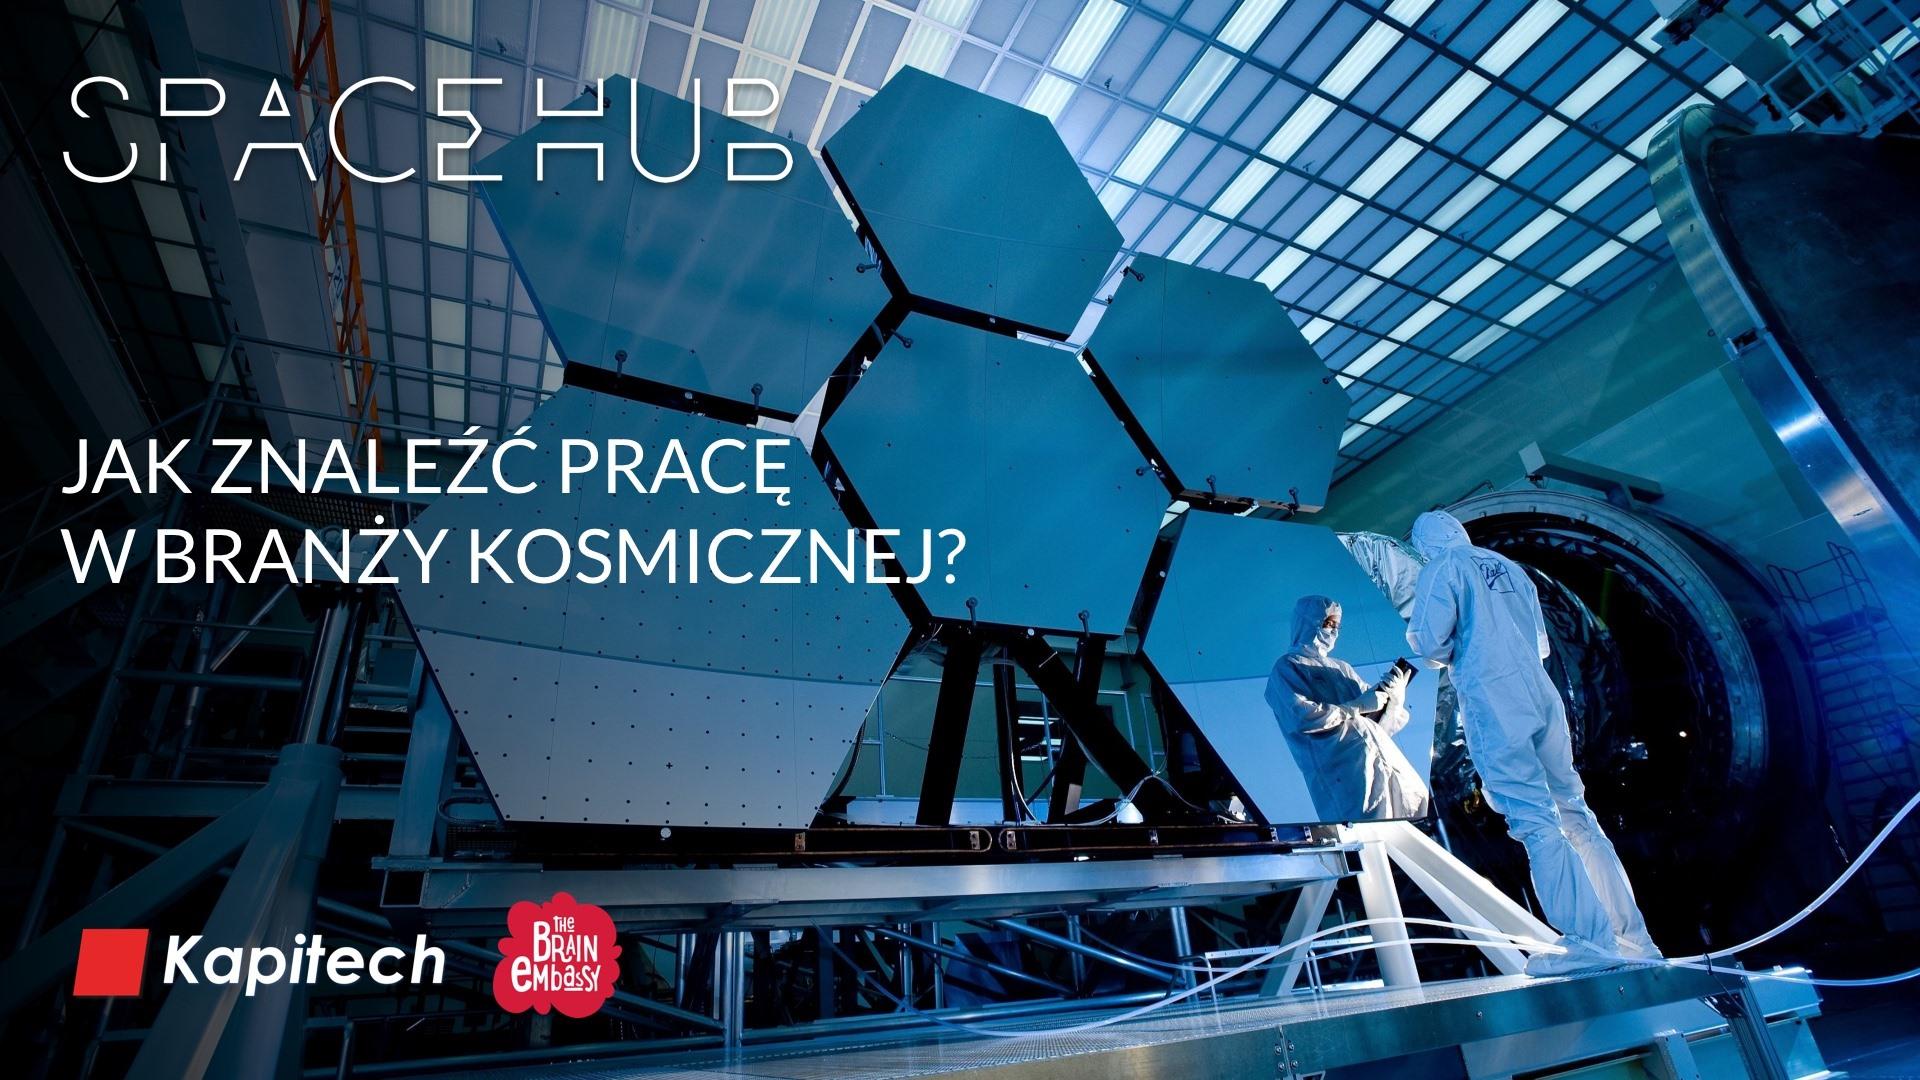 Jak znaleźć pracę wbranży kosmicznej? @ Brain Embassy - Postępu 15